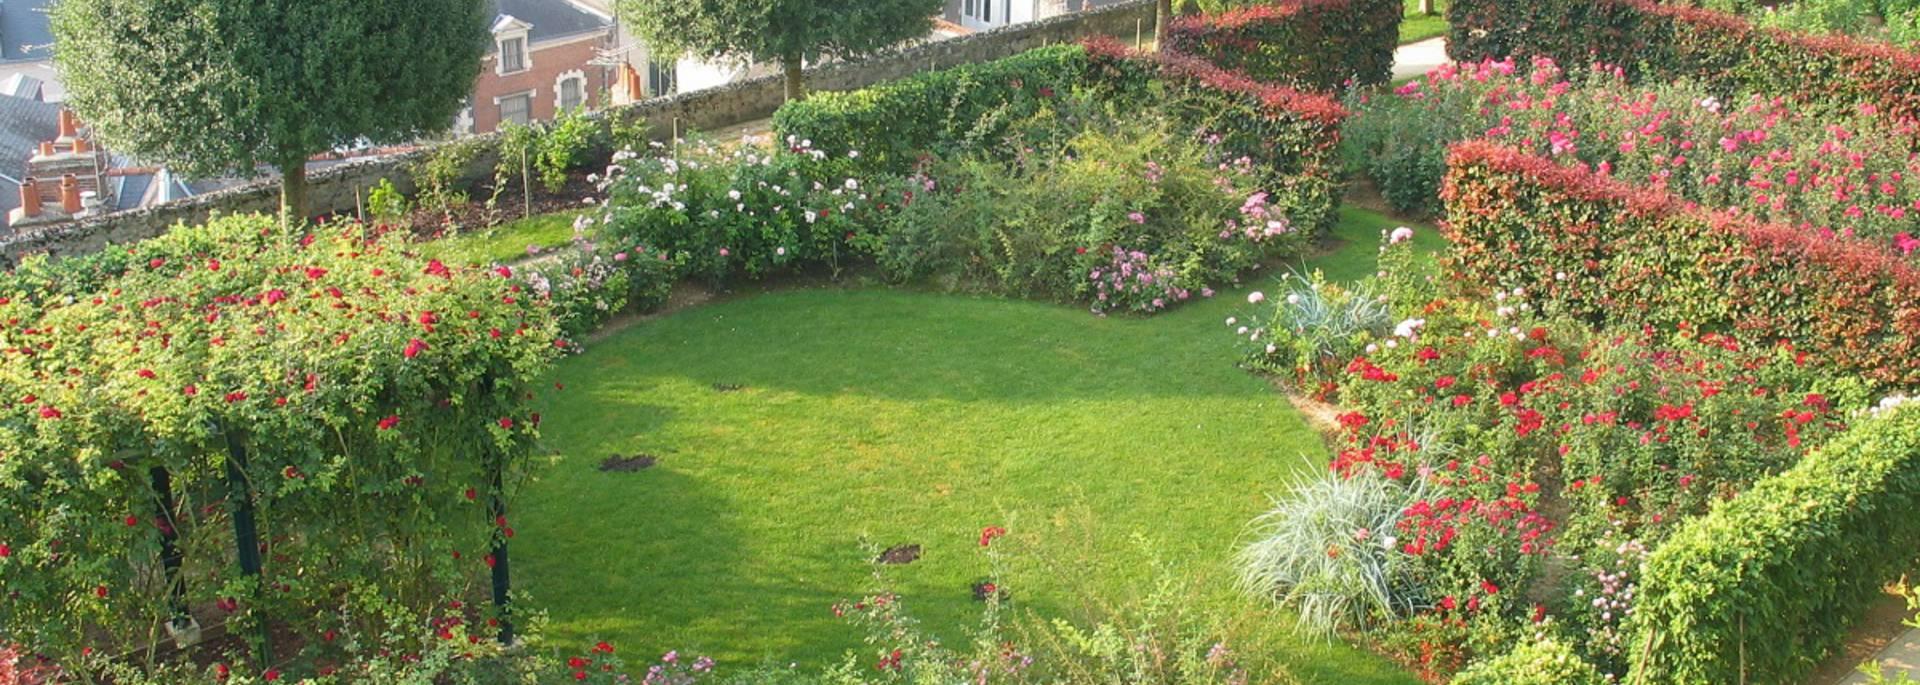 Les jardins de l'évêché à Blois